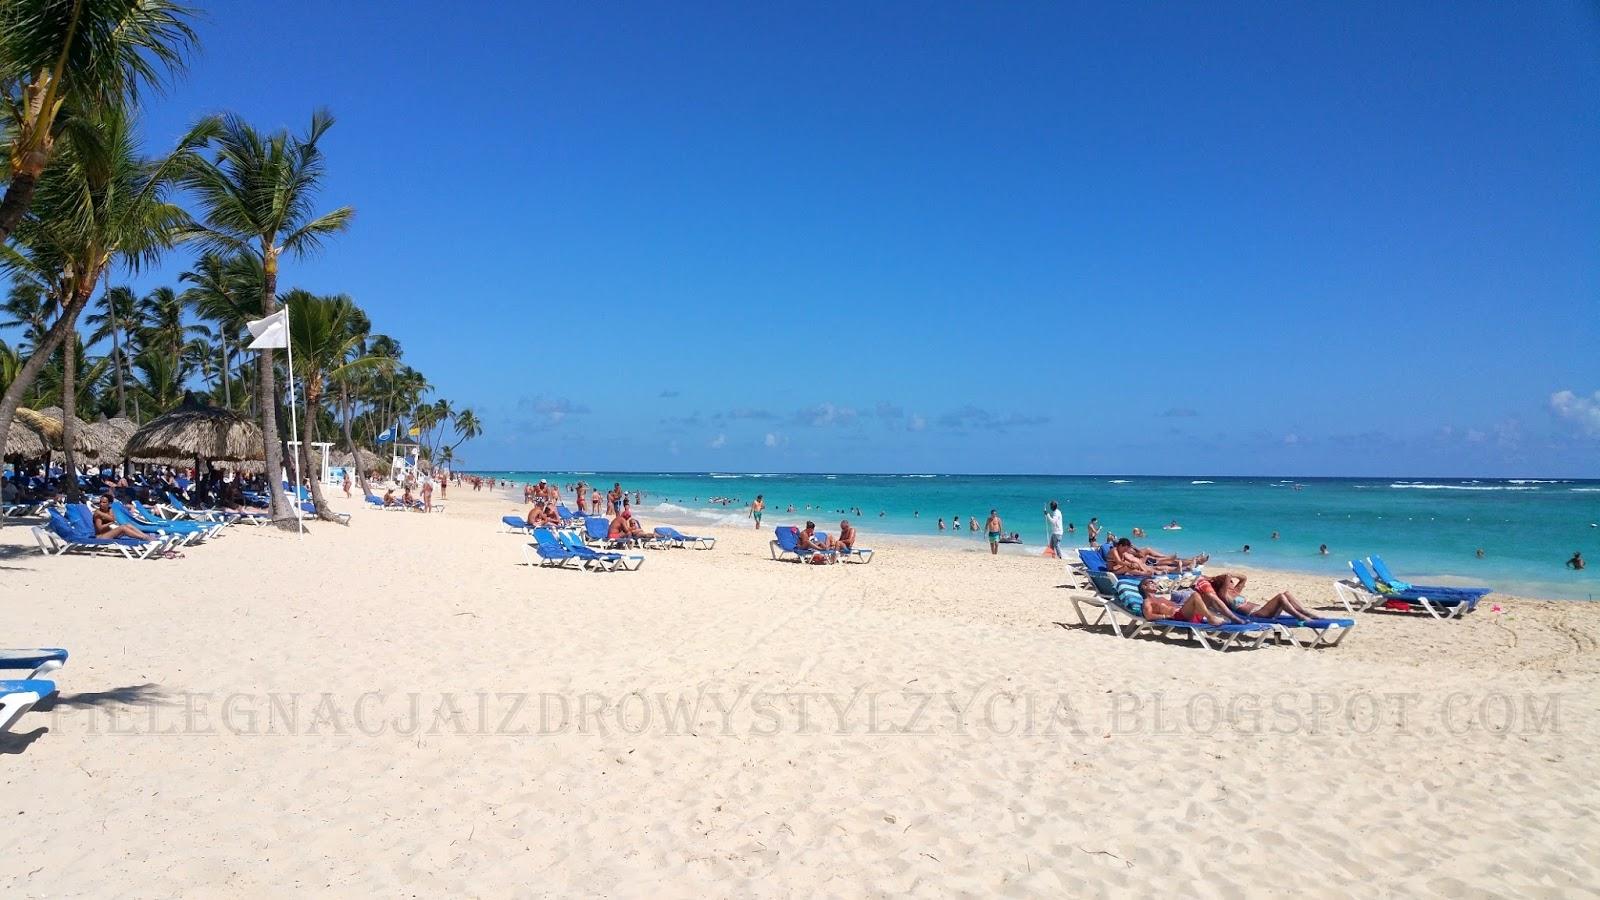 Rajska plaża Dominikana